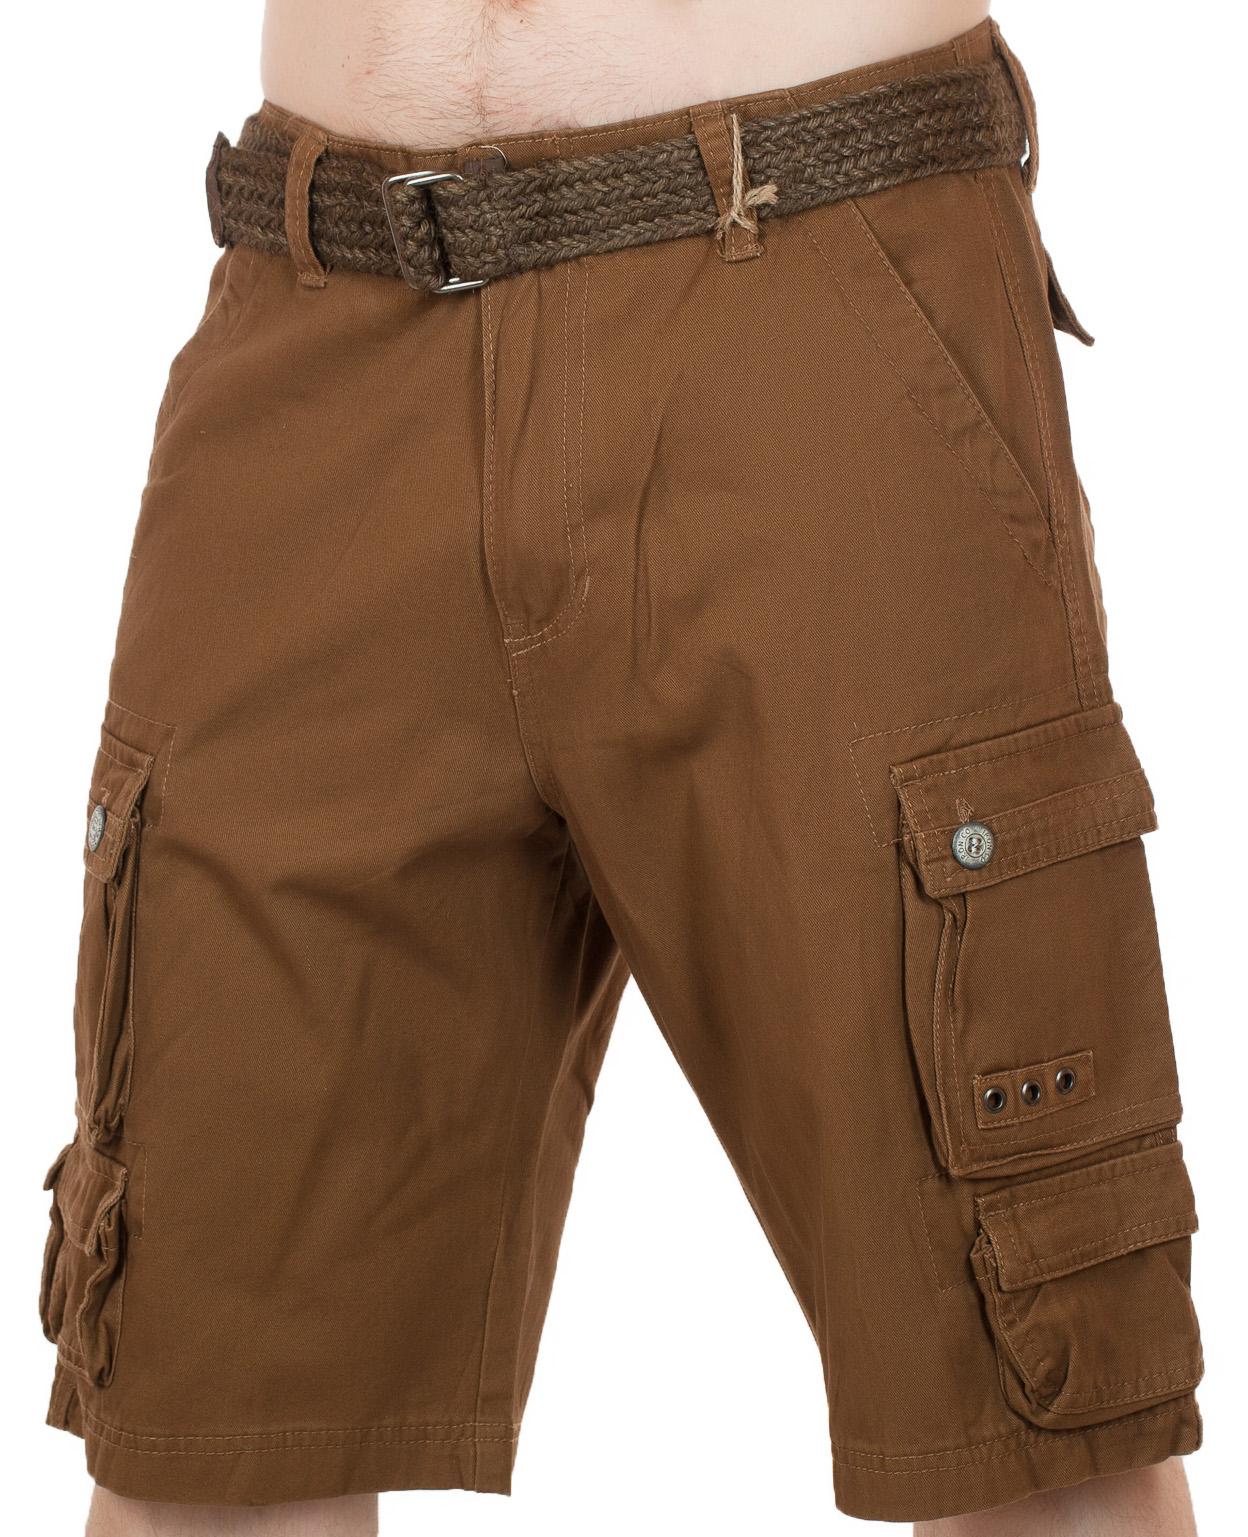 Брендовые шорты мужские (Iron Co., США)